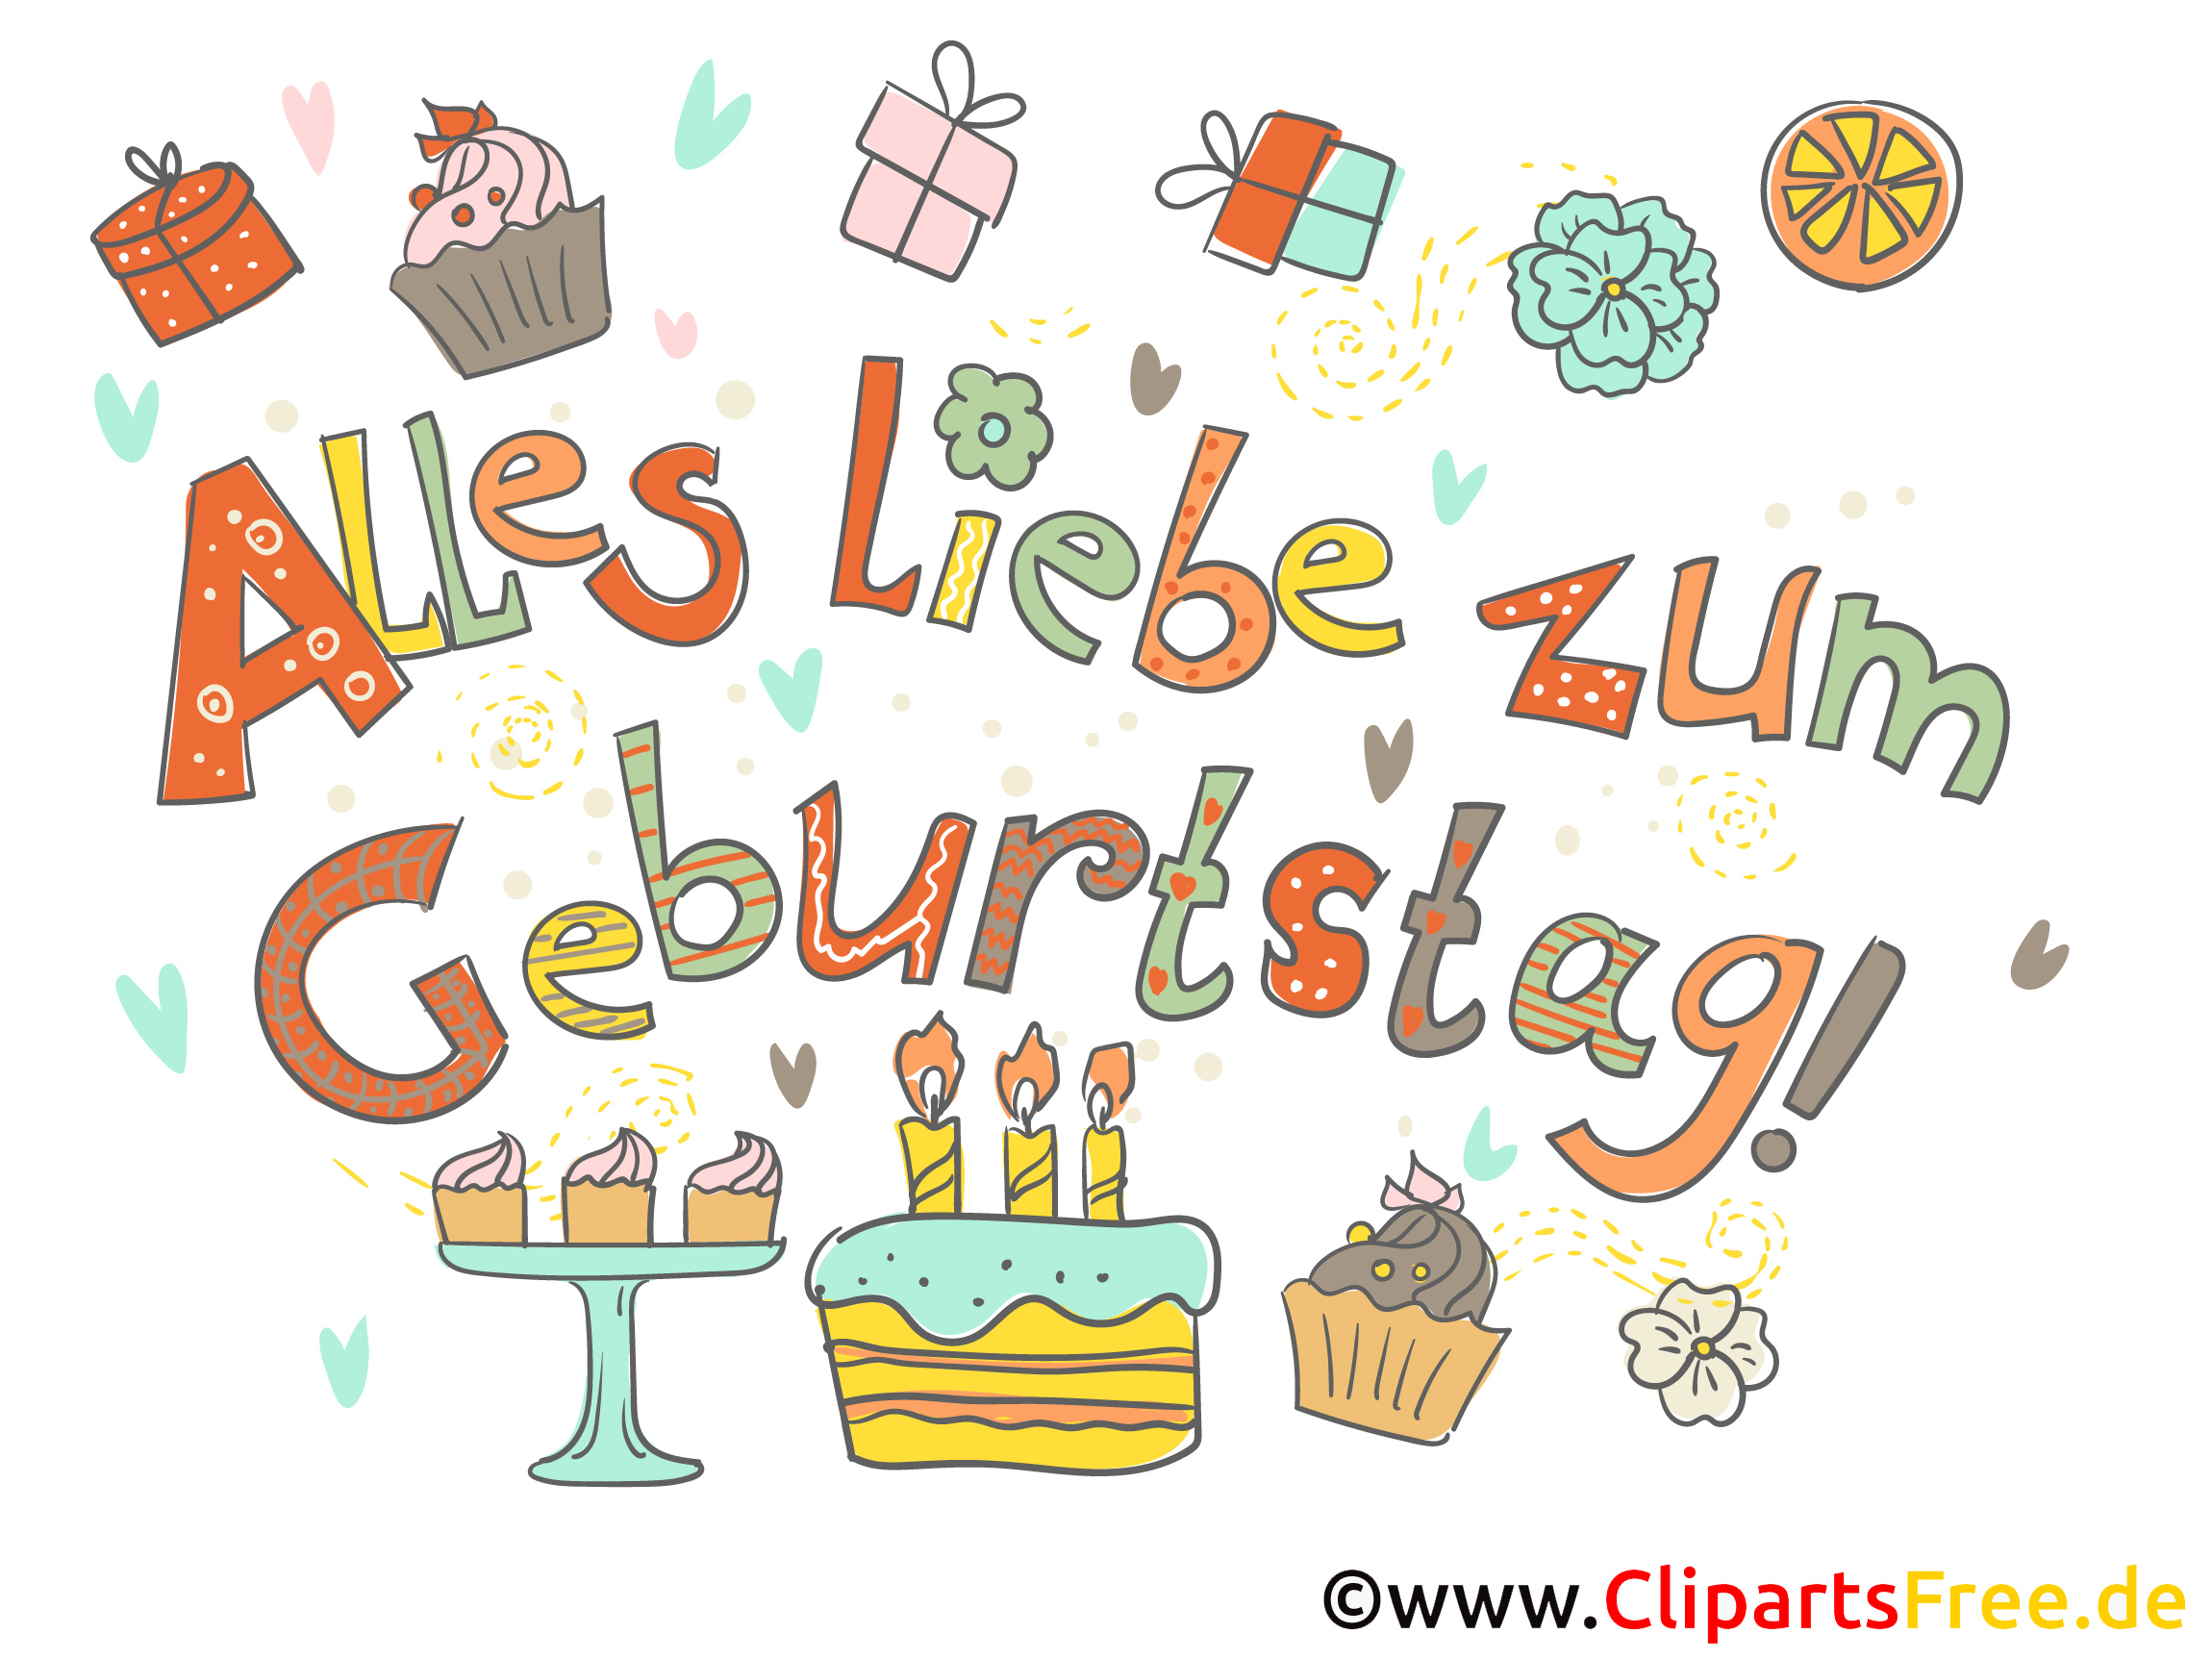 Clipart Alles Liebe zum Geburtstag